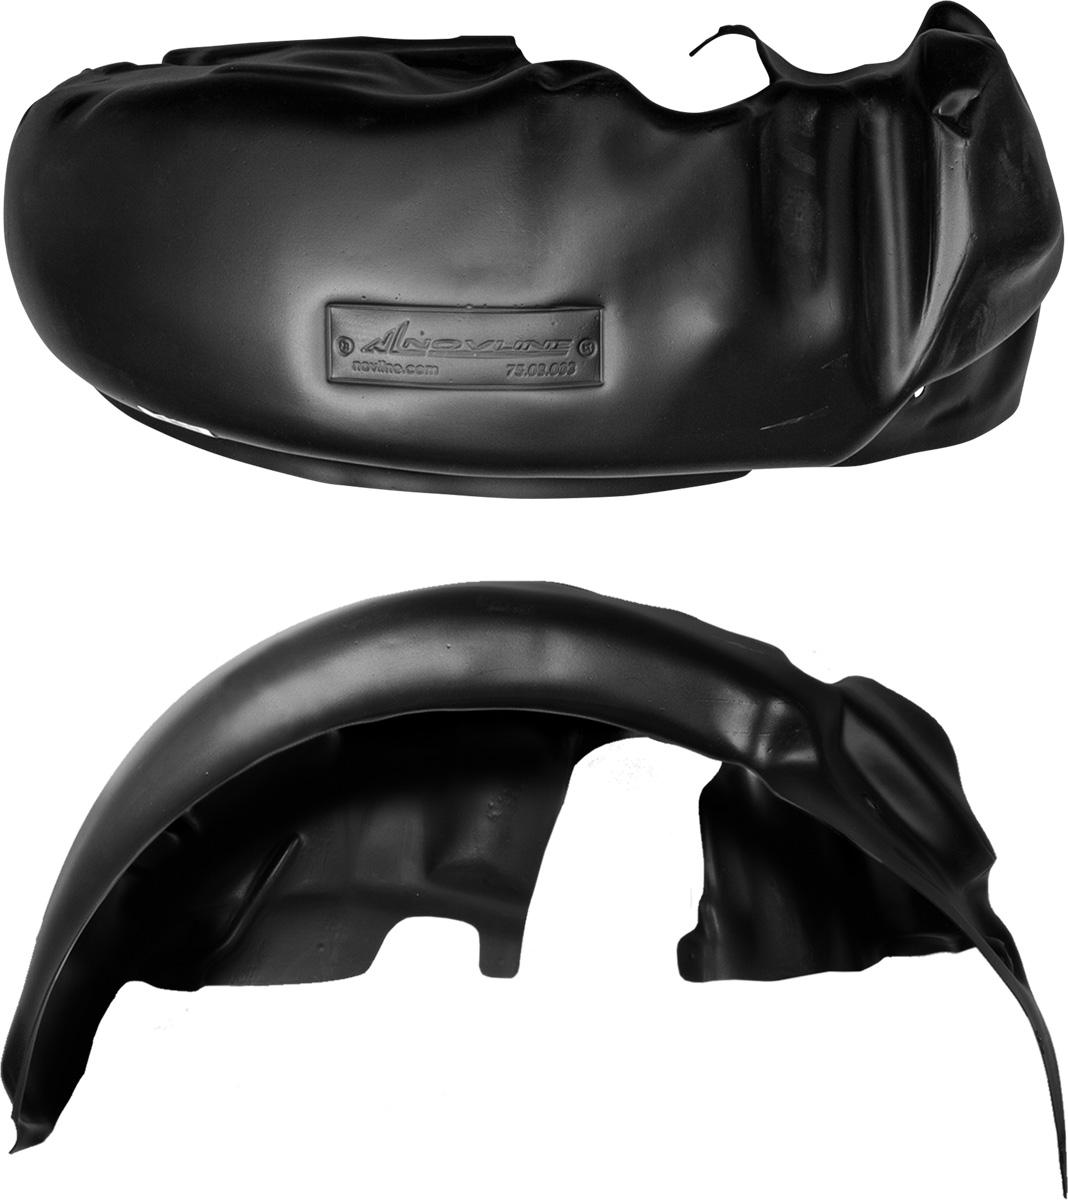 Подкрылок NISSAN Tiida, 2010-2015, задний правыйREINWV535Колесные ниши – одни из самых уязвимых зон днища вашего автомобиля. Они постоянно подвергаются воздействию со стороны дороги. Лучшая, почти абсолютная защита для них - специально отформованные пластиковые кожухи, которые называются подкрылками, или локерами. Производятся они как для отечественных моделей автомобилей, так и для иномарок. Подкрылки выполнены из высококачественного, экологически чистого пластика. Обеспечивают надежную защиту кузова автомобиля от пескоструйного эффекта и негативного влияния, агрессивных антигололедных реагентов. Пластик обладает более низкой теплопроводностью, чем металл, поэтому в зимний период эксплуатации использование пластиковых подкрылков позволяет лучше защитить колесные ниши от налипания снега и образования наледи. Оригинальность конструкции подчеркивает элегантность автомобиля, бережно защищает нанесенное на днище кузова антикоррозийное покрытие и позволяет осуществить крепление подкрылков внутри колесной арки практически без дополнительного крепежа и сверления, не нарушая при этом лакокрасочного покрытия, что предотвращает возникновение новых очагов коррозии. Технология крепления подкрылков на иномарки принципиально отличается от крепления на российские автомобили и разрабатывается индивидуально для каждой модели автомобиля. Подкрылки долговечны, обладают высокой прочностью и сохраняют заданную форму, а также все свои физико-механические характеристики в самых тяжелых климатических условиях ( от -50° С до + 50° С).